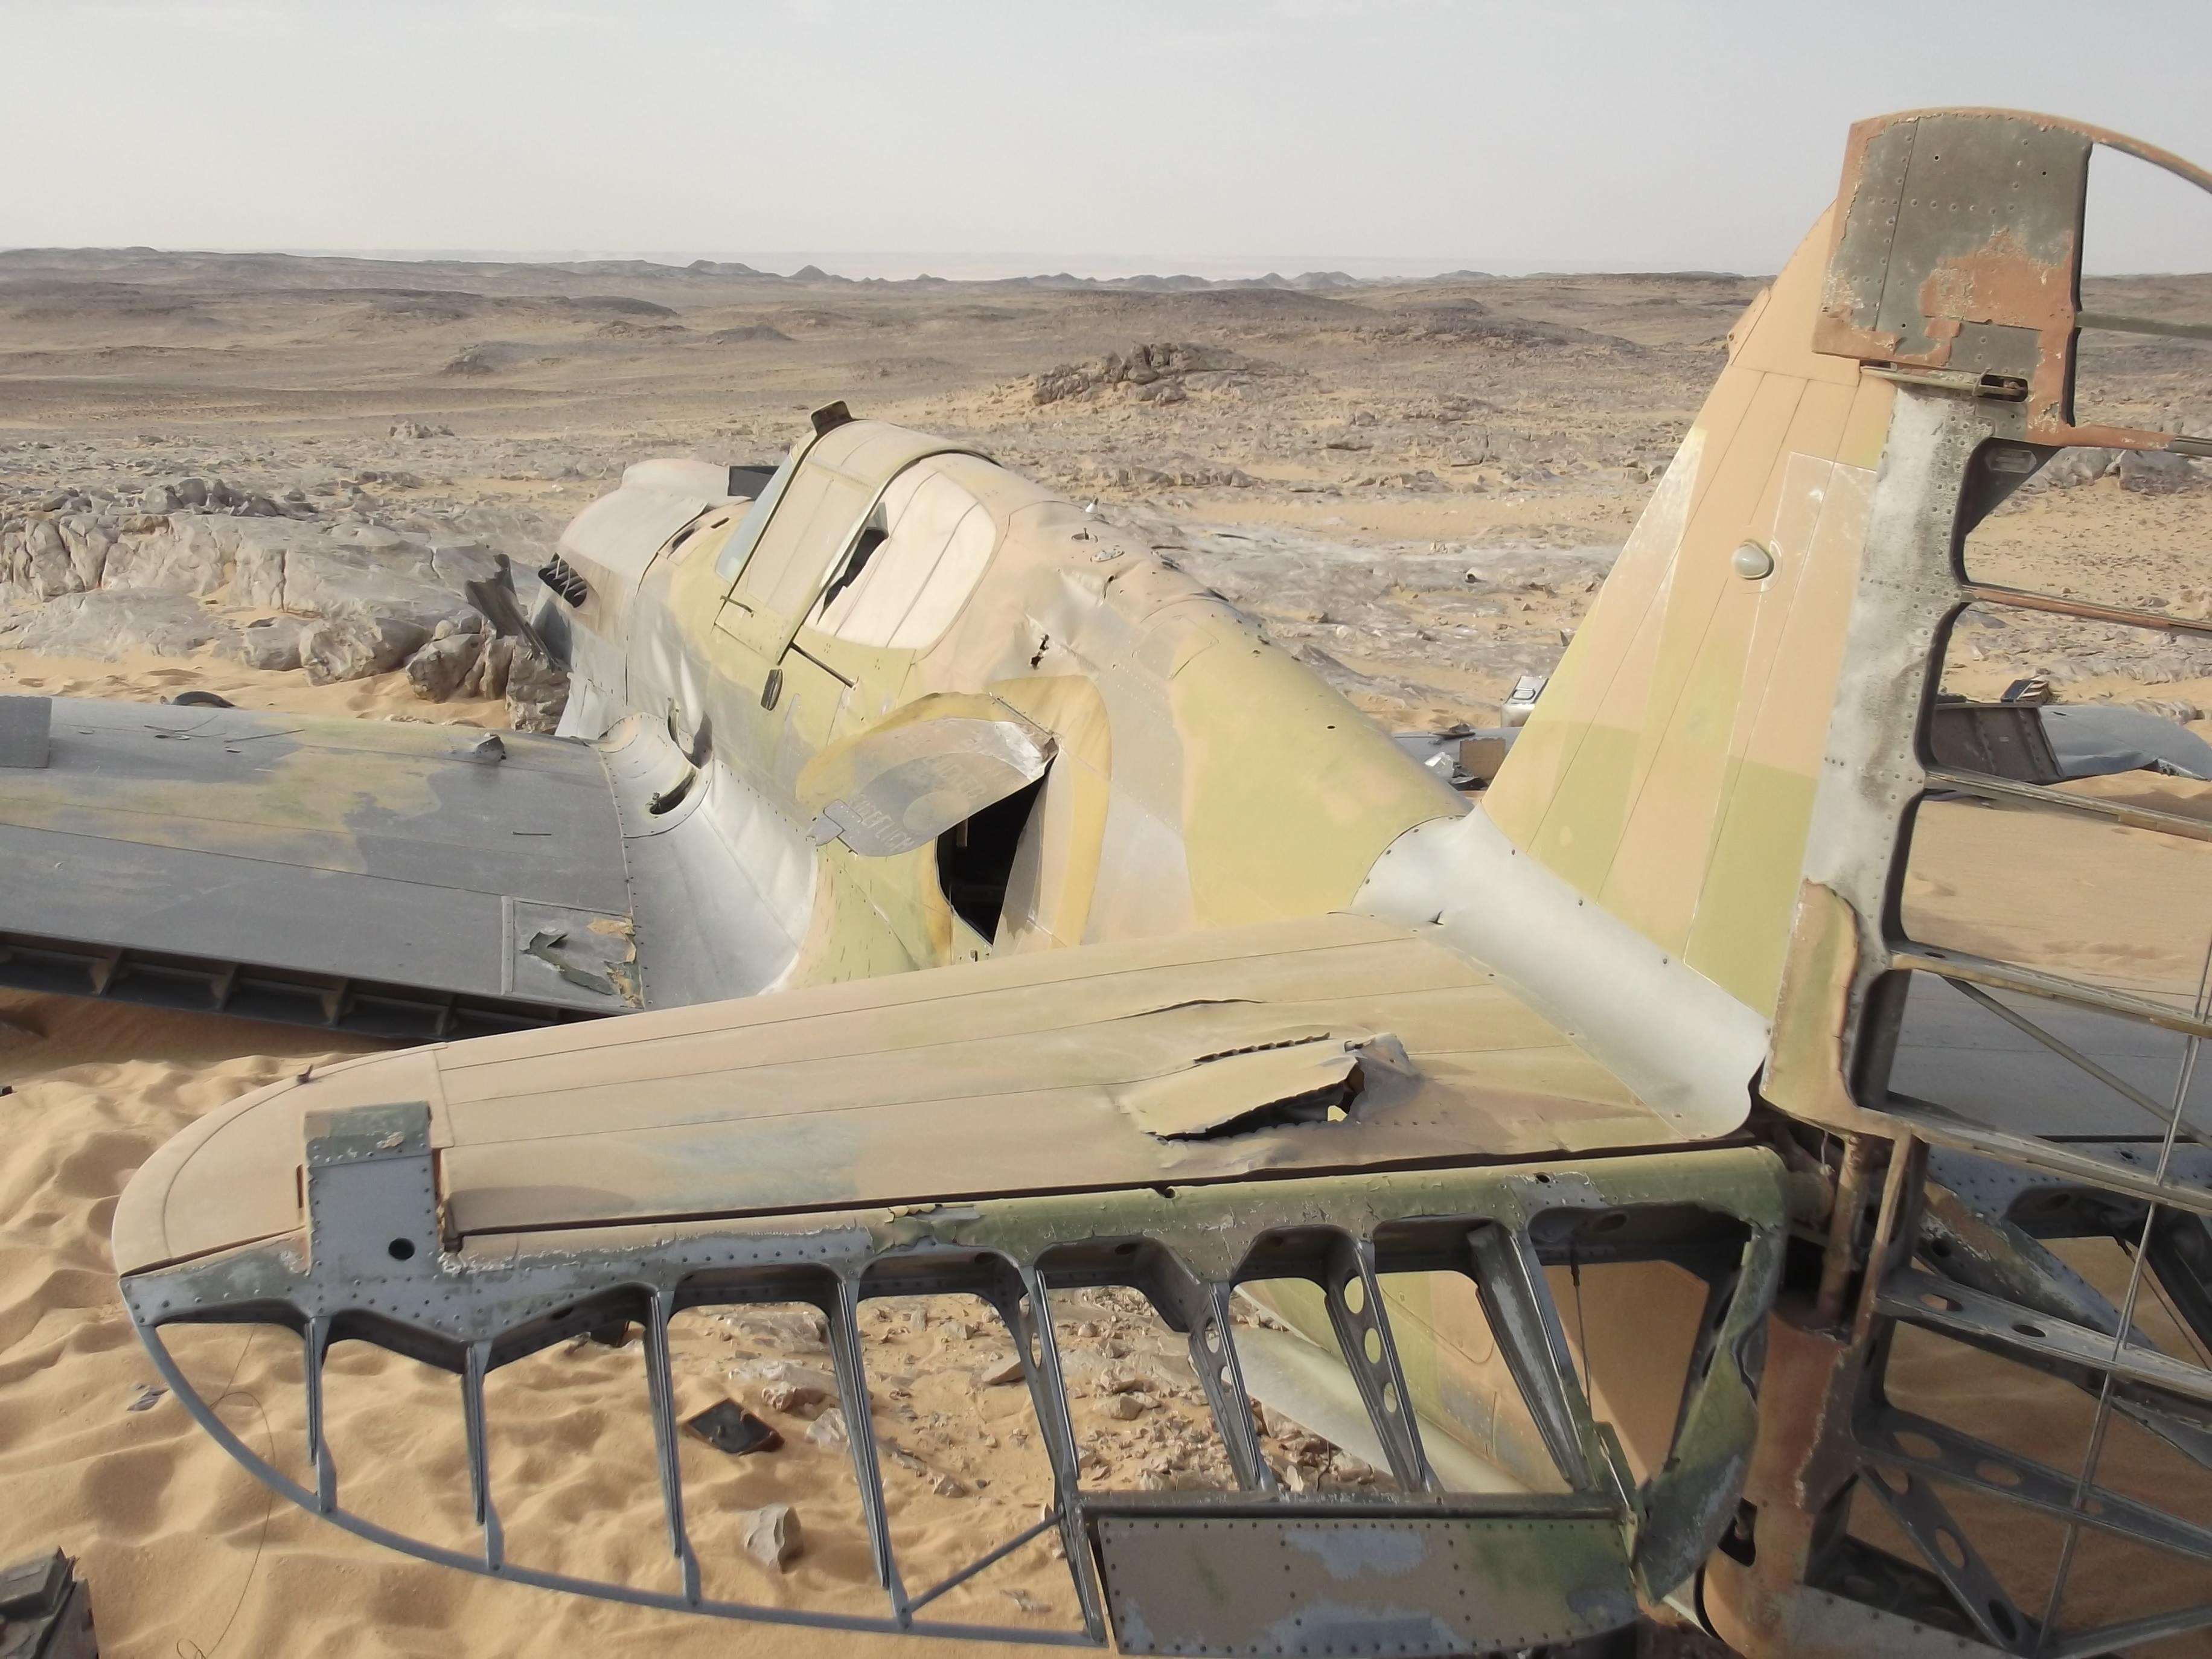 В сахаре нашли самолет королевских ввс времен второй мировой.